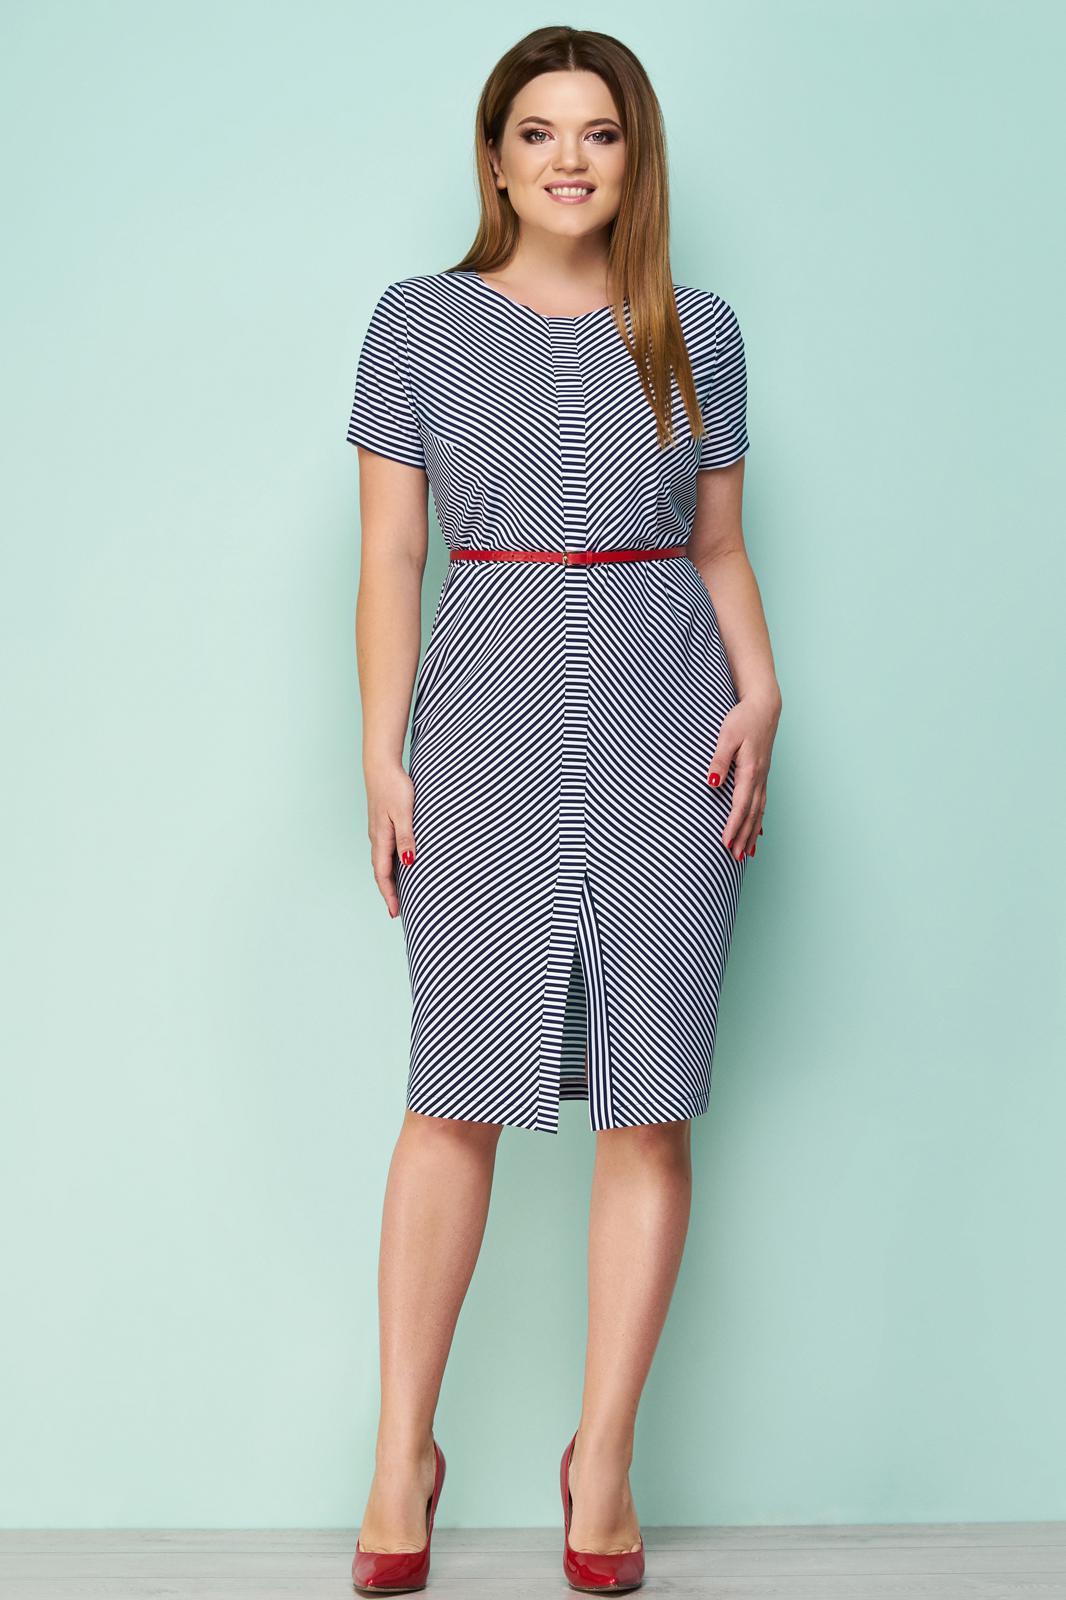 Купить Платье Lady Secret, 3494 синий, Беларусь